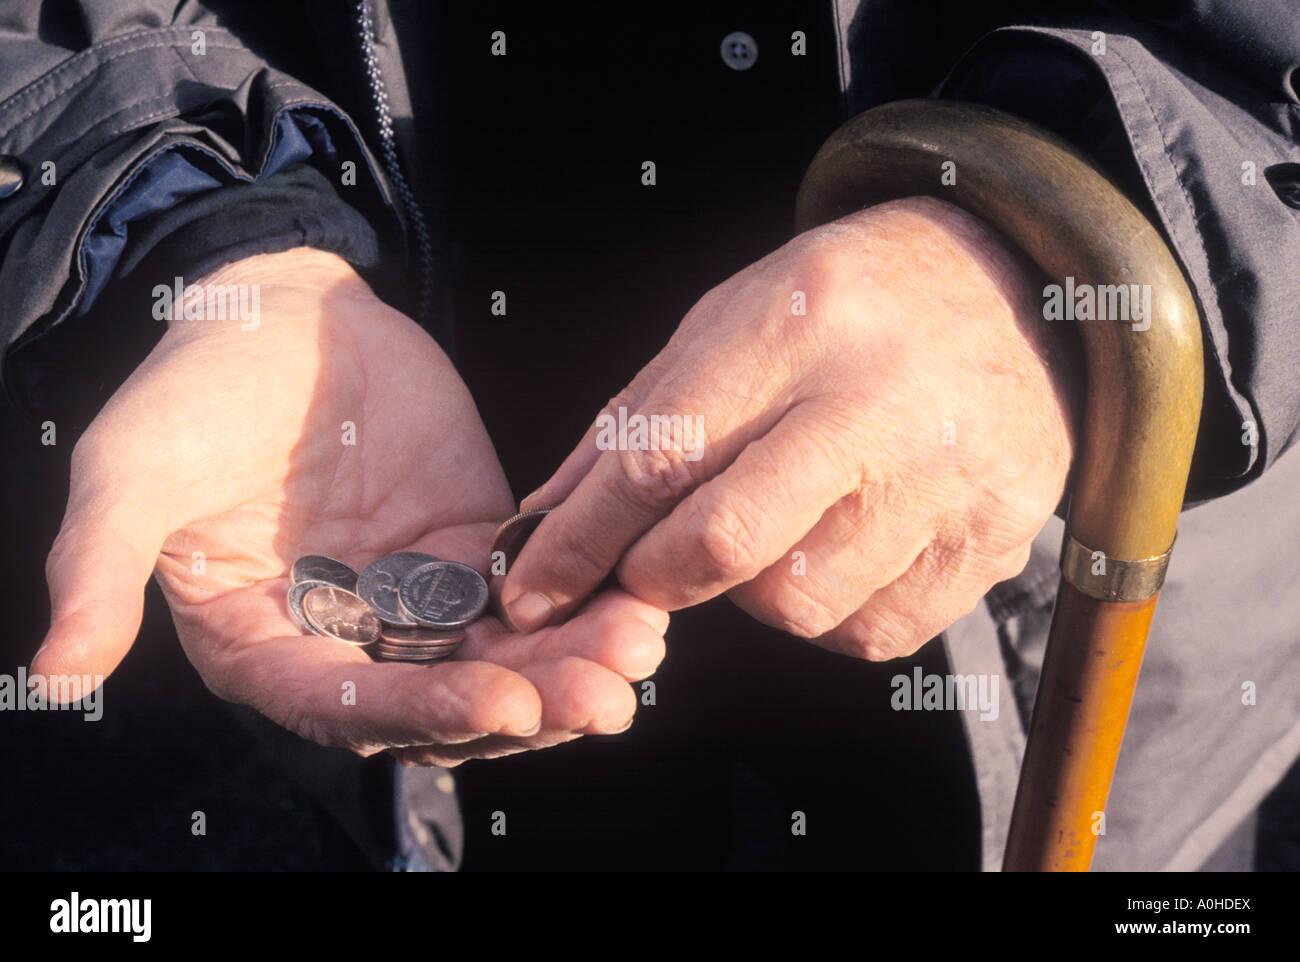 Uomo adulto con una canna Shopping e conteggiare denaro sulla strada di New York City STATI UNITI D'AMERICA Immagini Stock